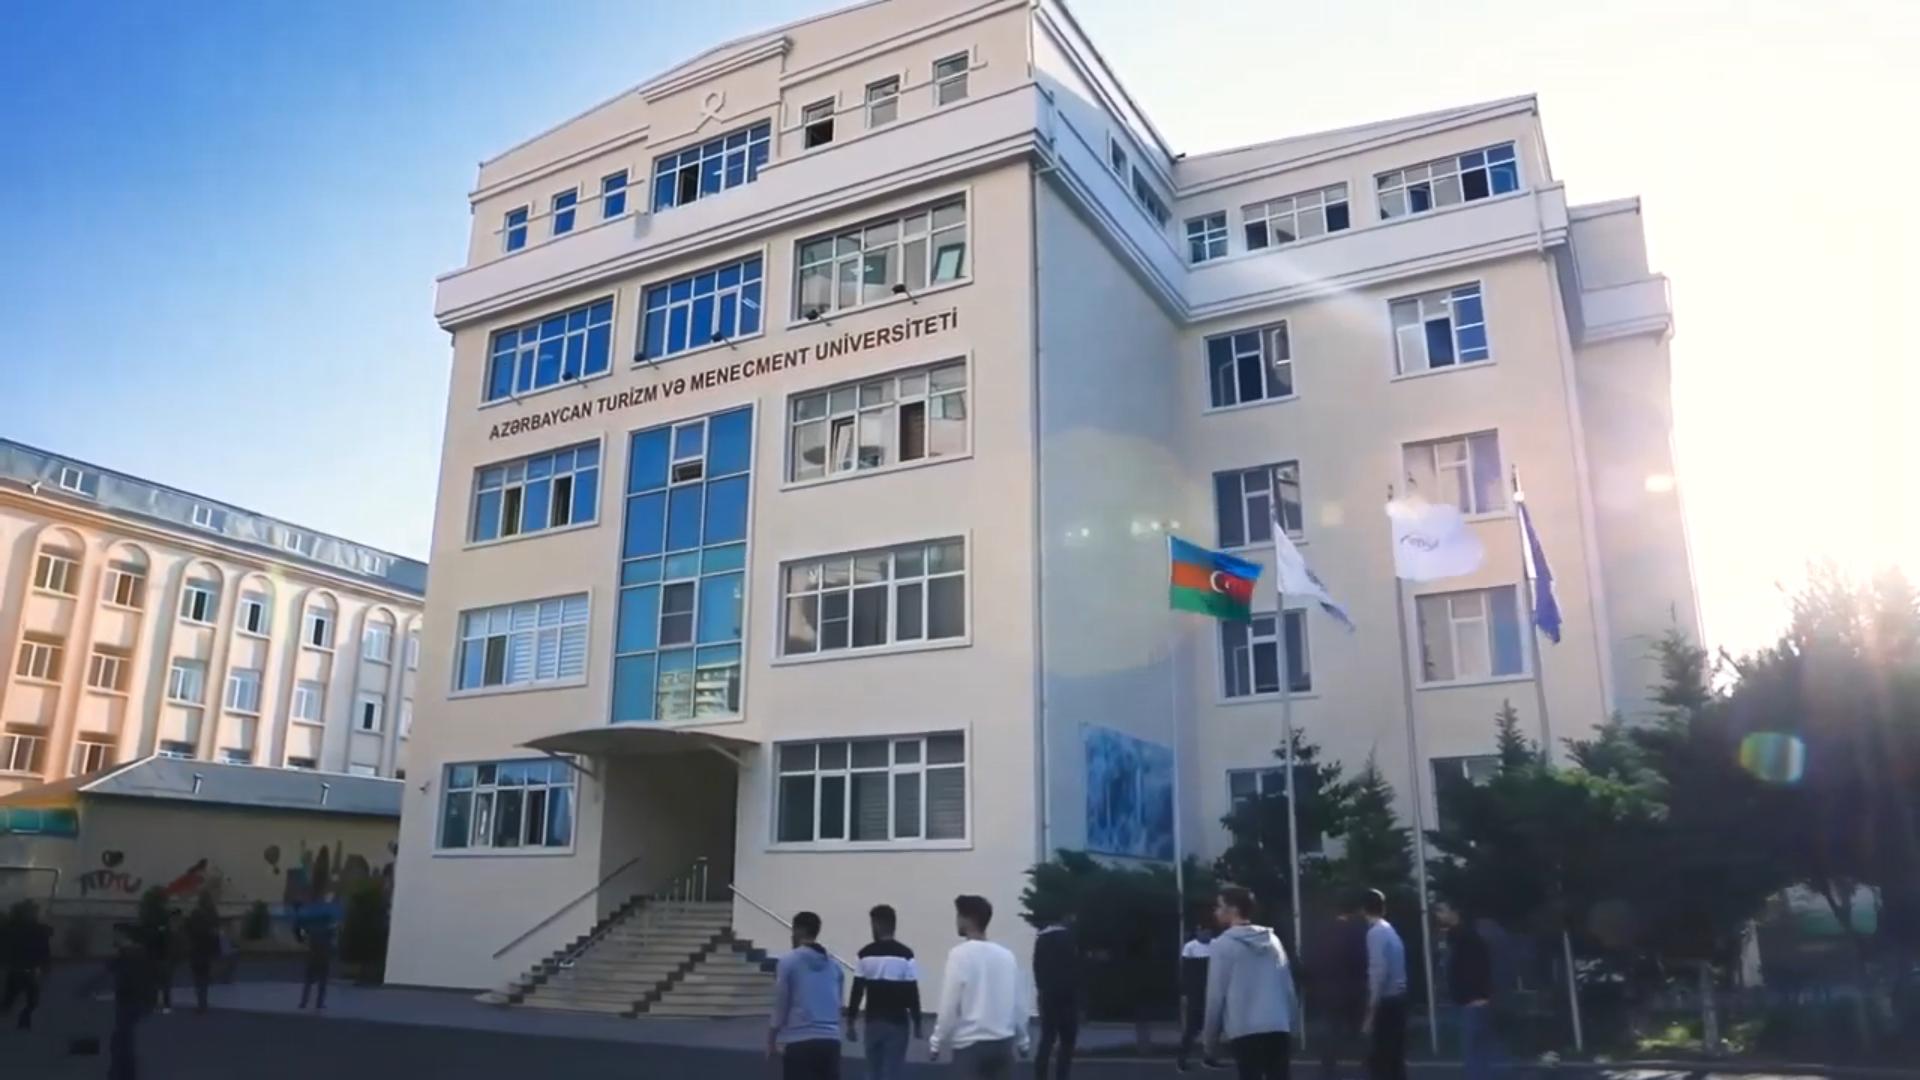 Azərbaycan Turizm Və Menecment Universiteti